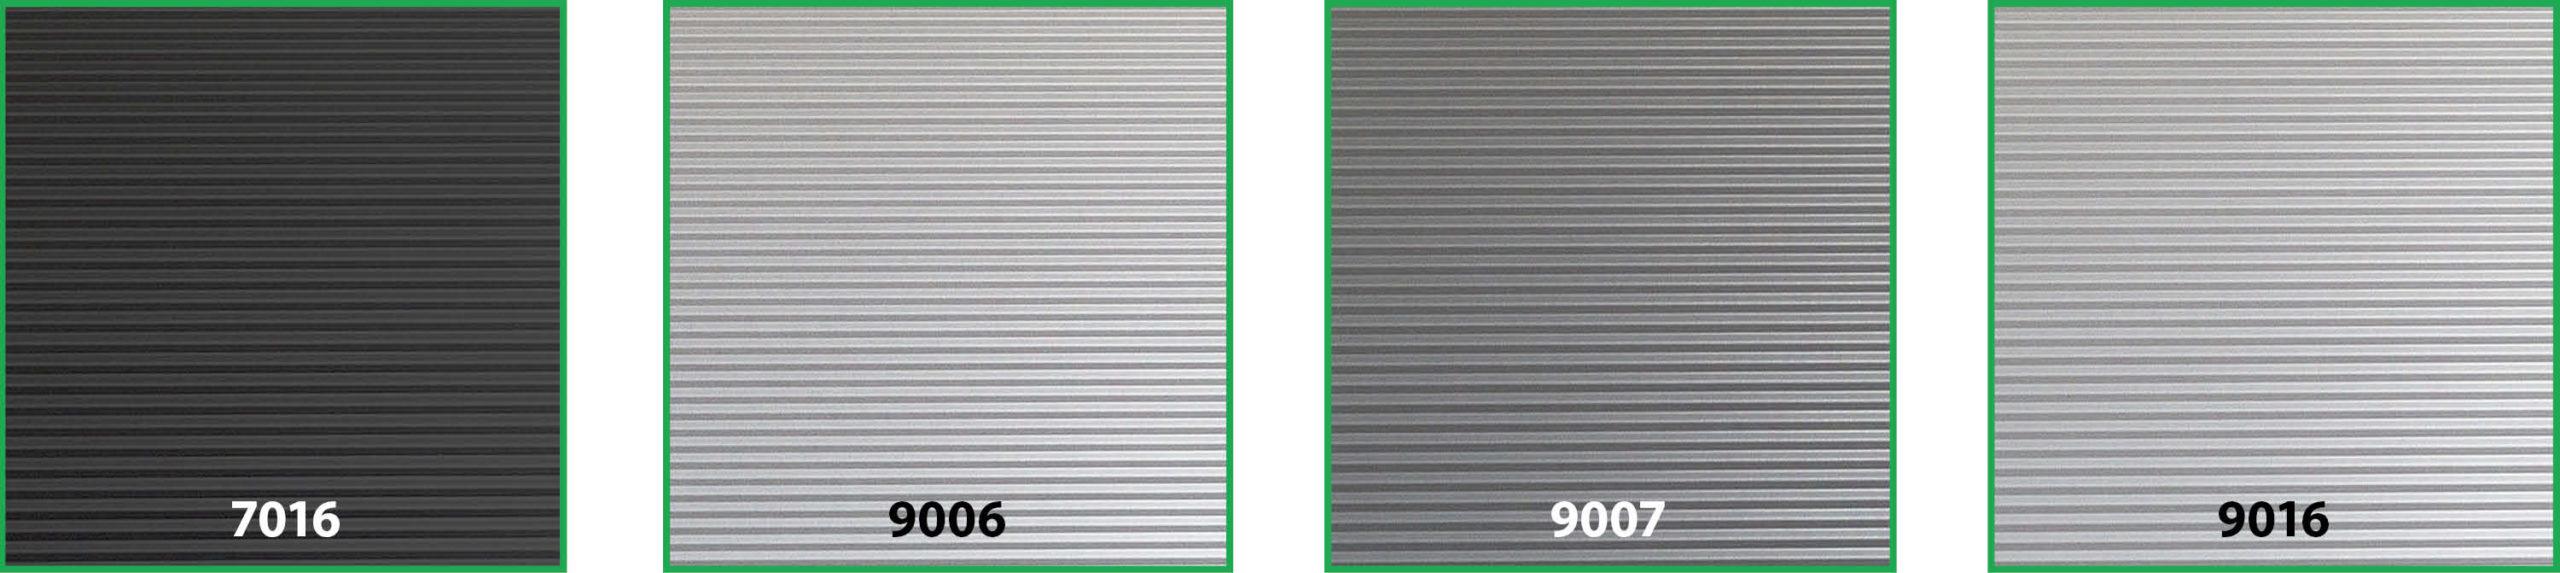 Bedrijfsdeur belijning en kleur panelen UMBRA | Louwers Deurtechnieken